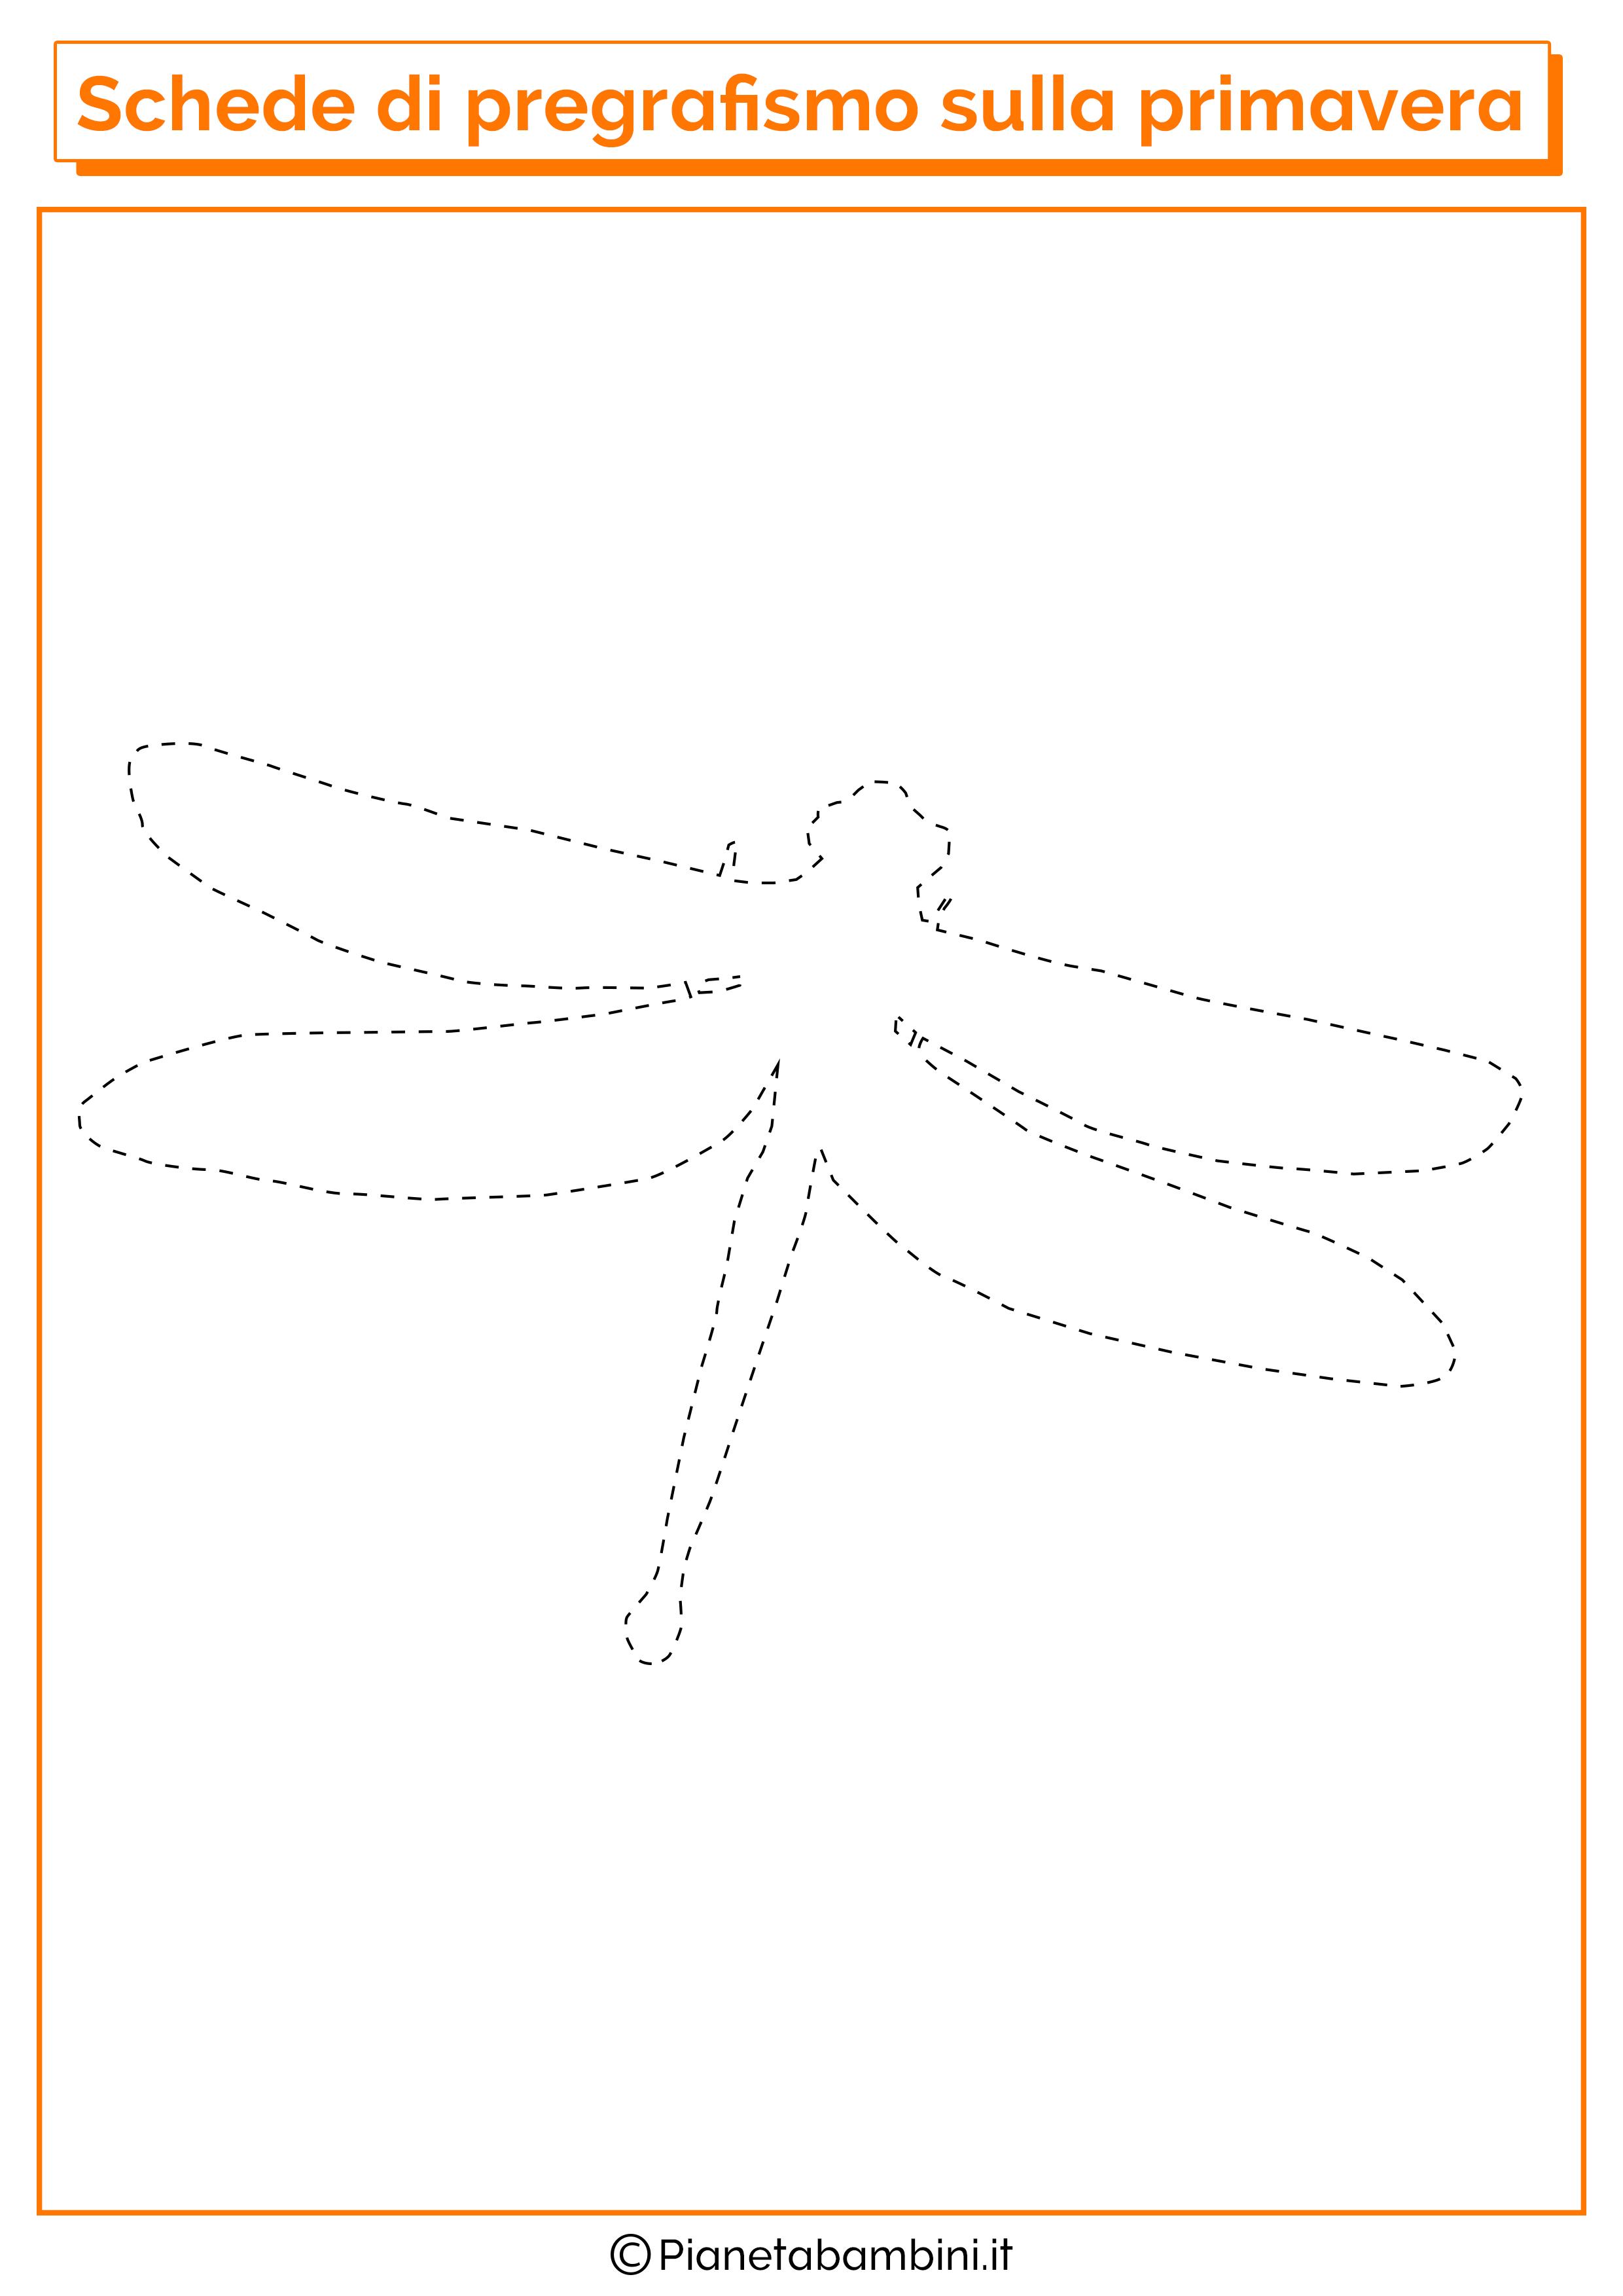 Pregrafismo-Primavera-Libellula